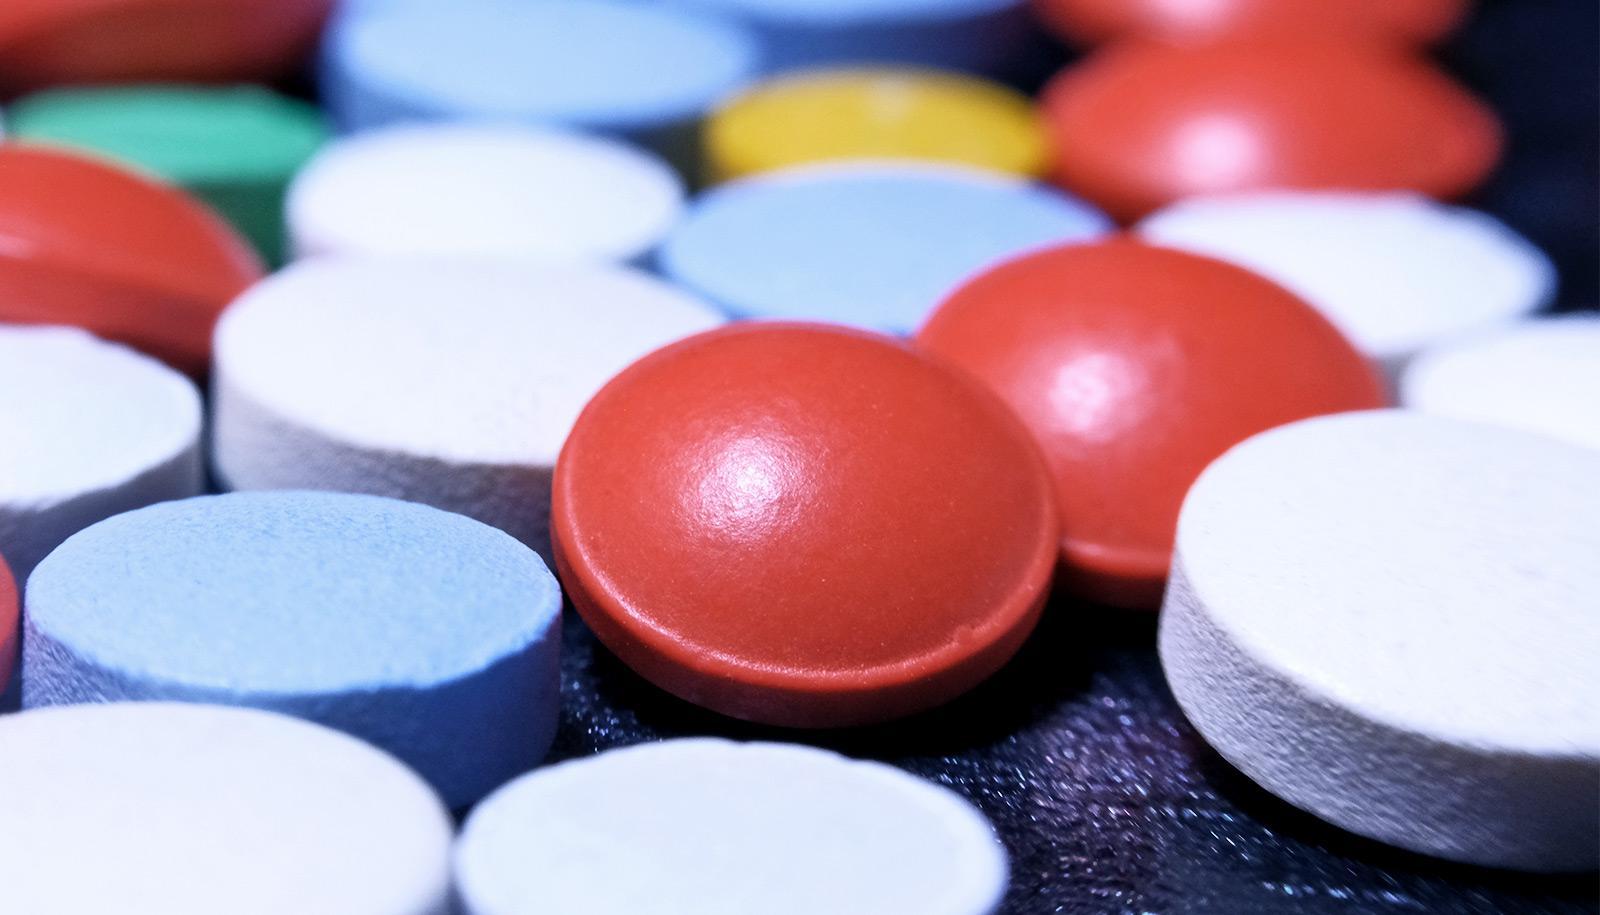 pills on dark background